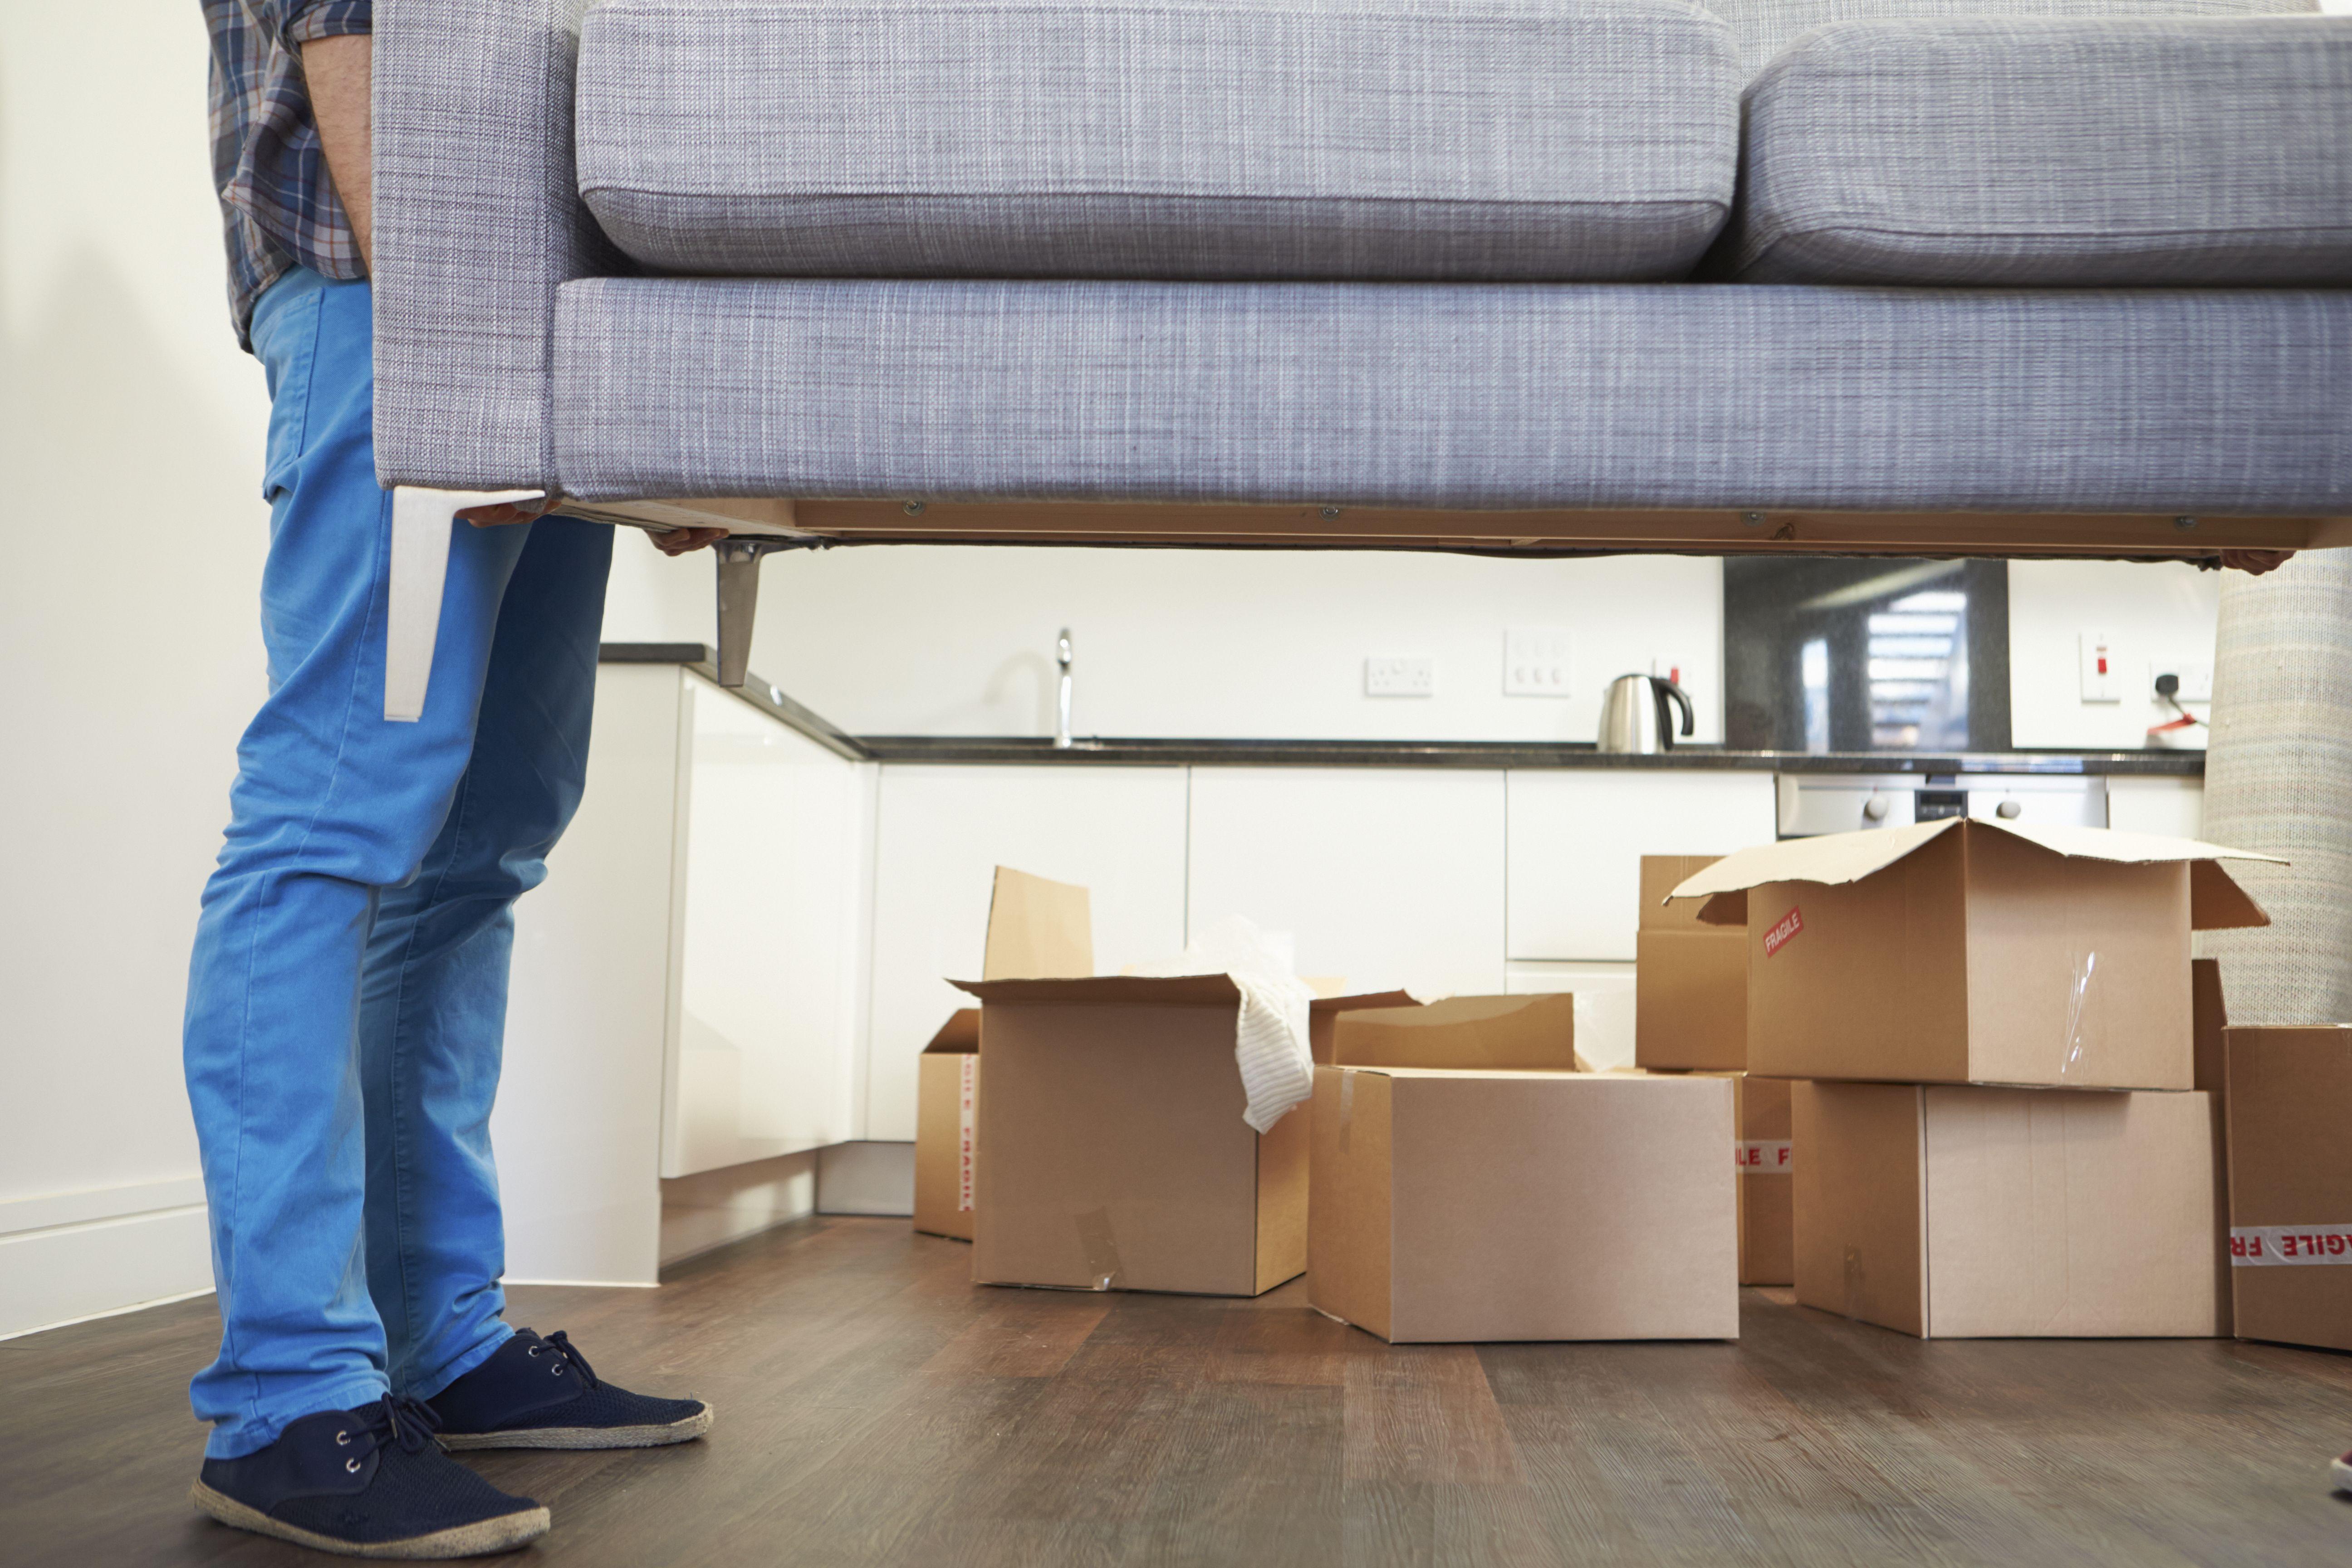 Y Desmontaje De Muebles Servicios De Mudanzas Ebenezer